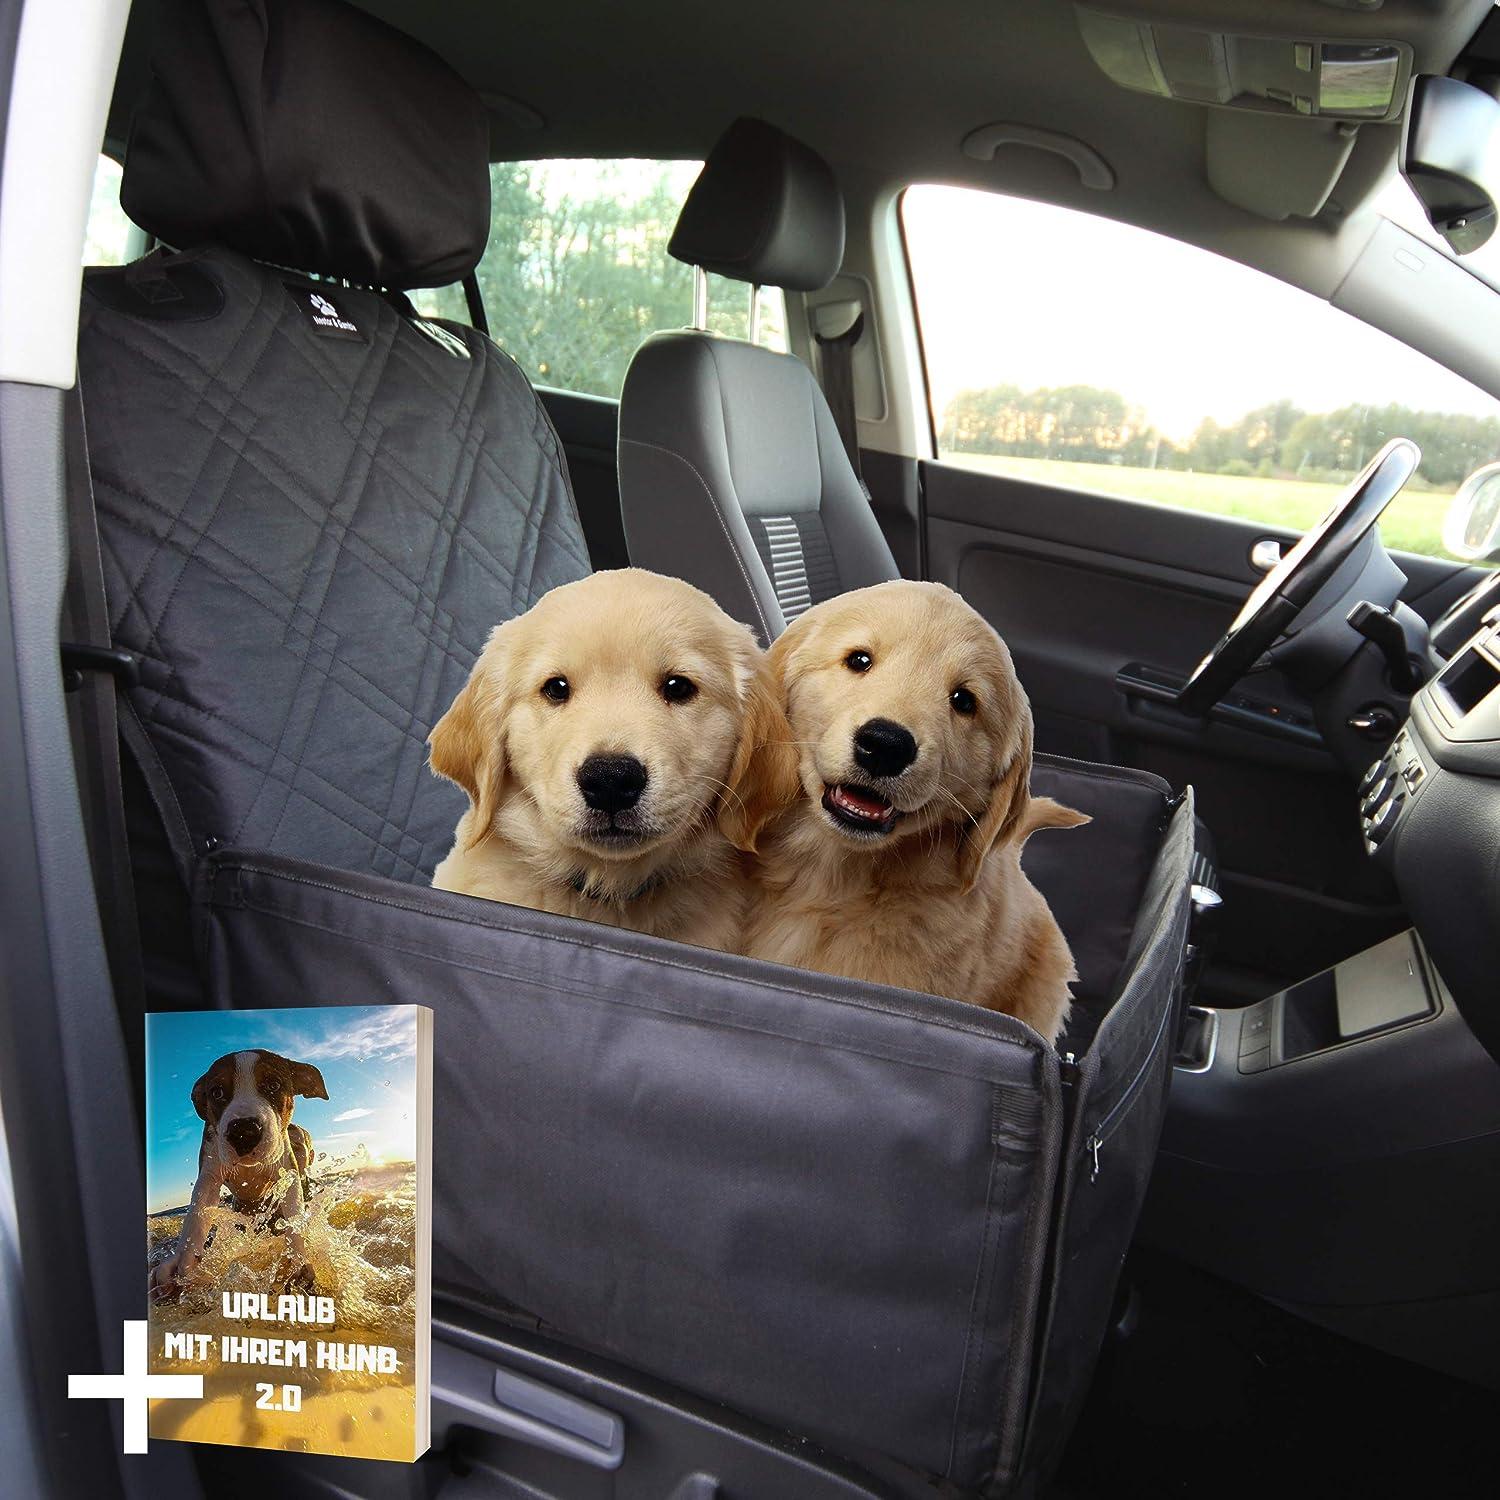 Nestor Gamble I Extra Stabiler 2 In 1 Hundesitz Hochwertiger Auto Hundesitz Für Kleine Bis Mittlere Hunde Hunde Autositz Mit Kopfstützenbezug Anschnallgurt Rückenlehnenschutz Haustier